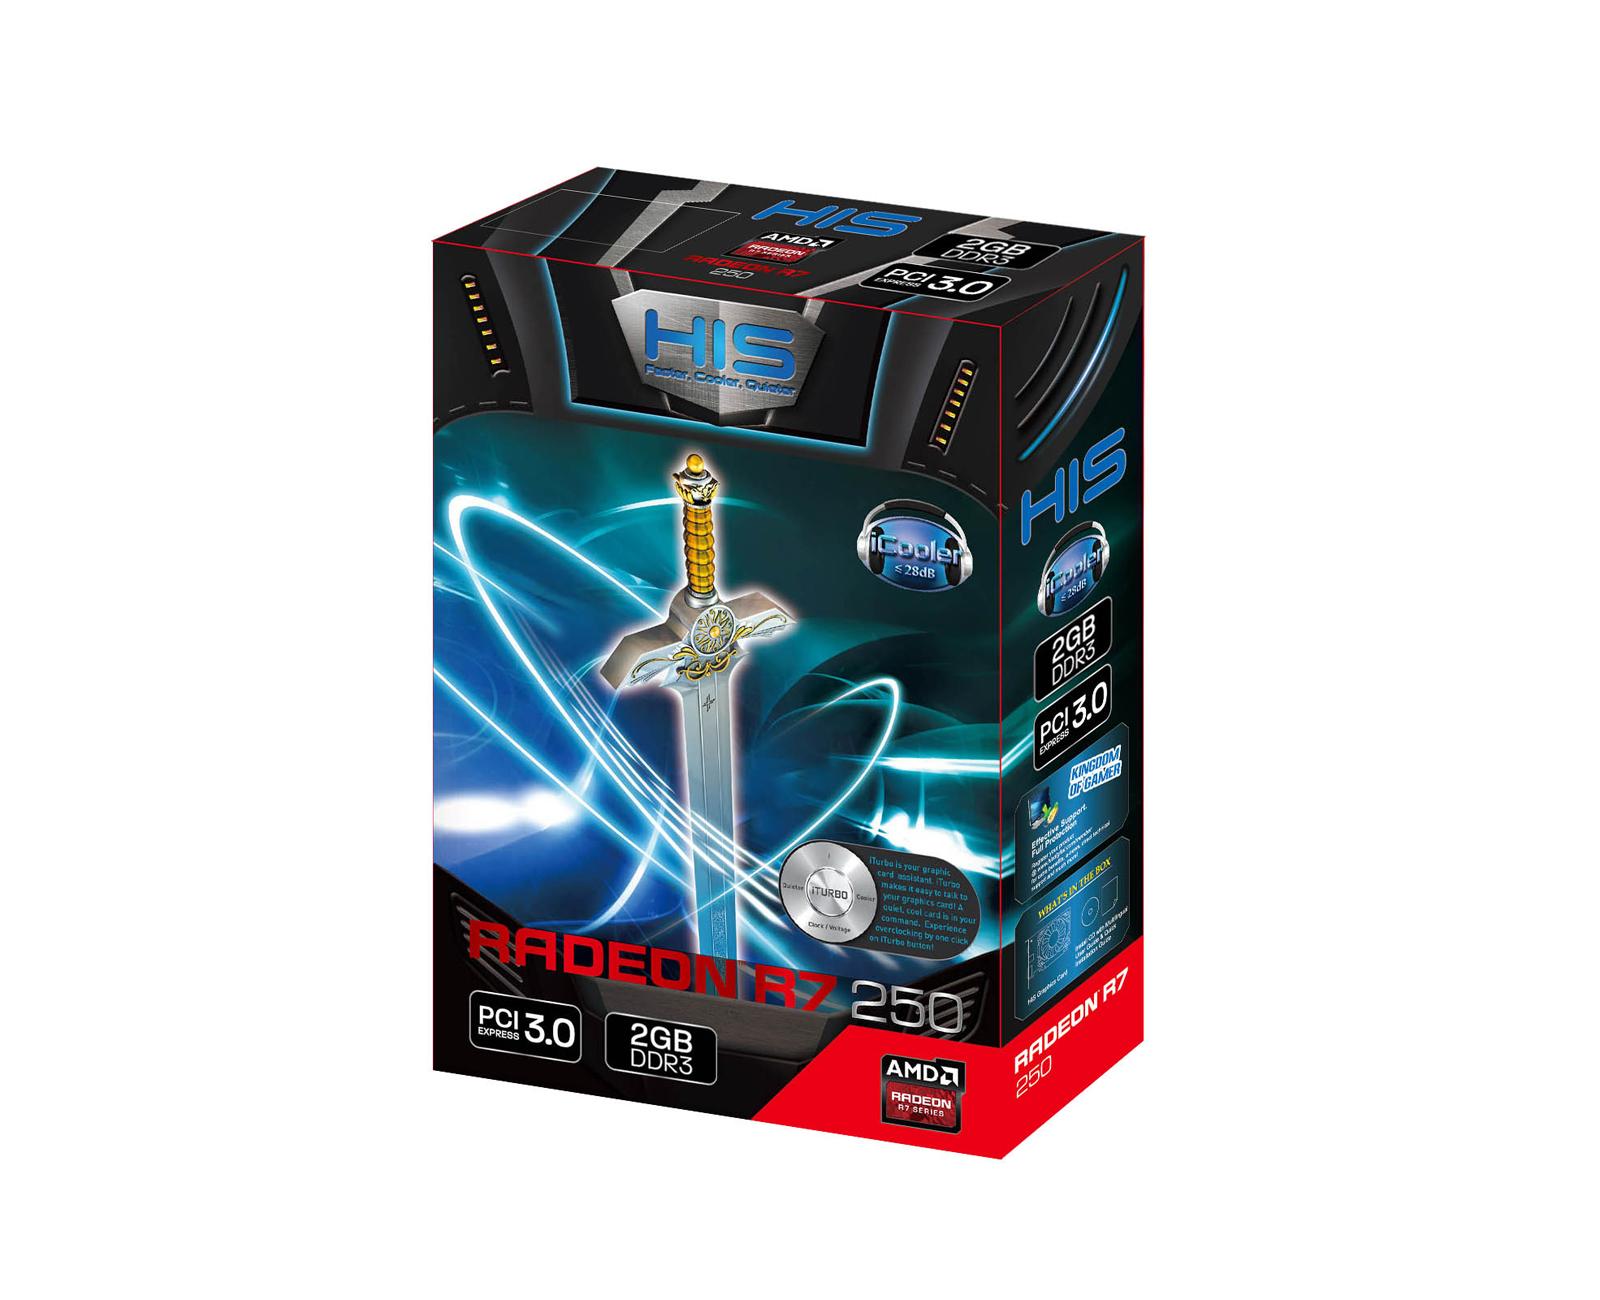 HIS R7 250 iCooler Boost Clock 2GB DDR3 PCI-E HDMI/SLDVI-D/VGA < R7